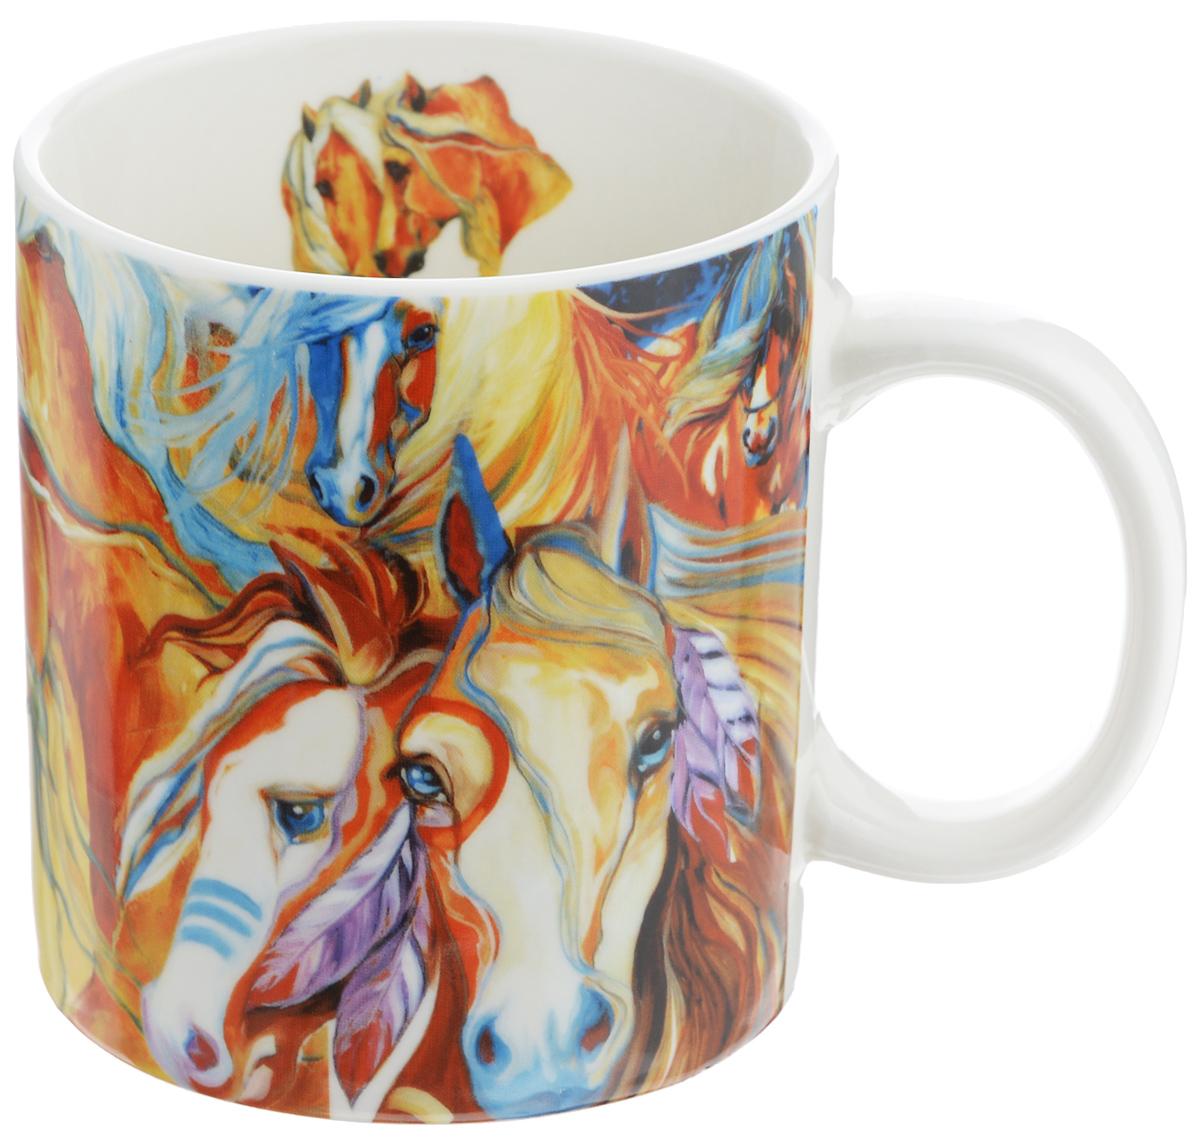 Кружка GiftLand Фантазии о лошадях, 700 мл68/5/3Кружка GiftLand Фантазии о лошадях изготовлена из костяного фарфора и оформлена красочным изображением лошадей. Оригинальная кружка порадует вас ярким дизайном и станет неизменным атрибутом чаепития. Прекрасно подойдет в качестве сувенира.Диаметр кружки: 10 см.Высота: 11 см.Объем: 700 мл.